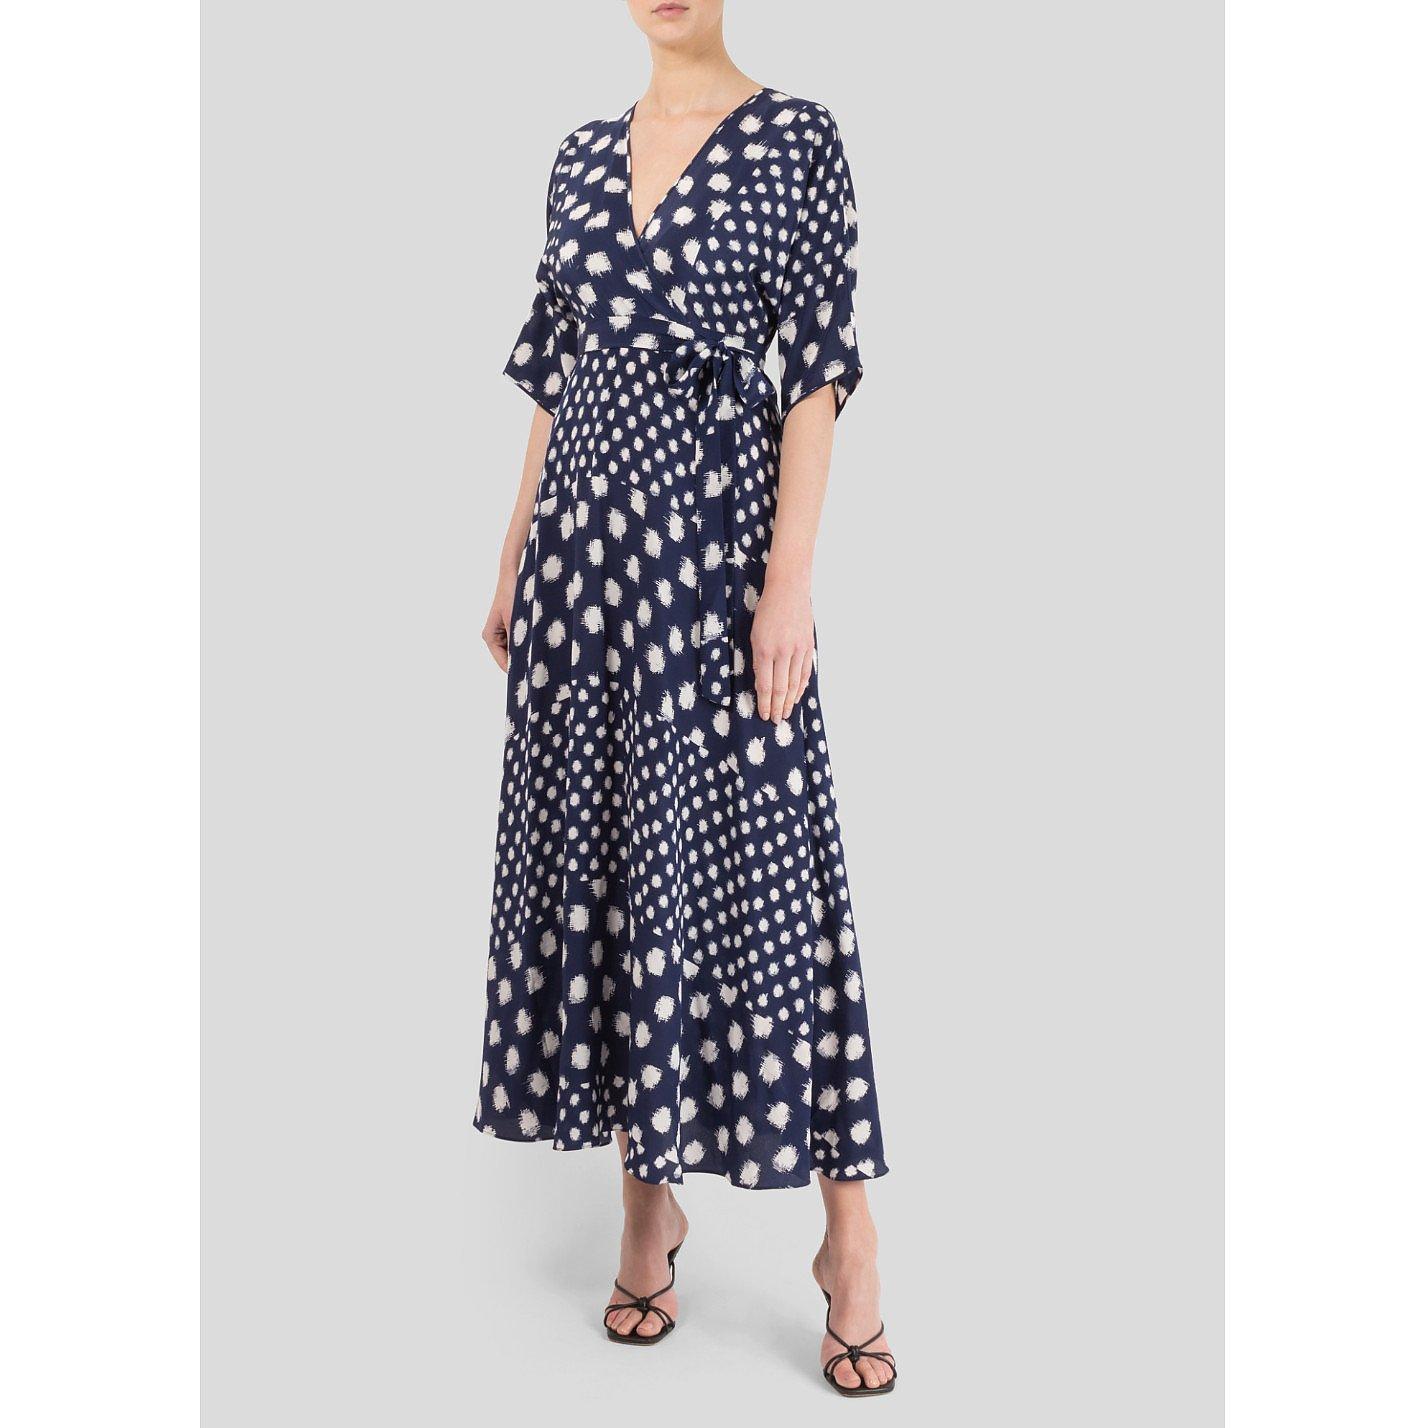 Diane von Furstenberg Polka Dot Midi Dress